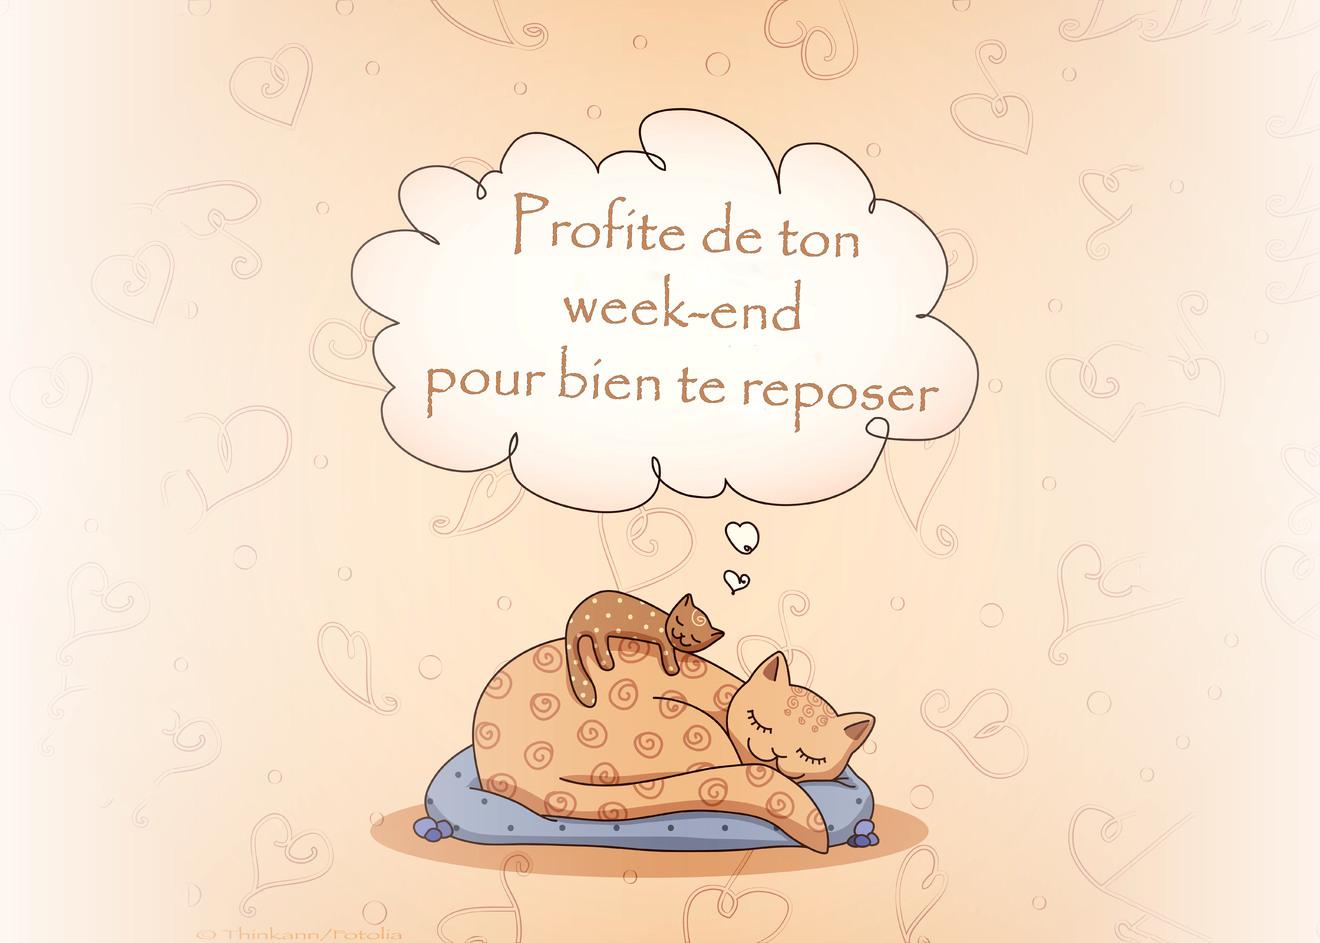 Profite de ton week-end pour bien te reposer